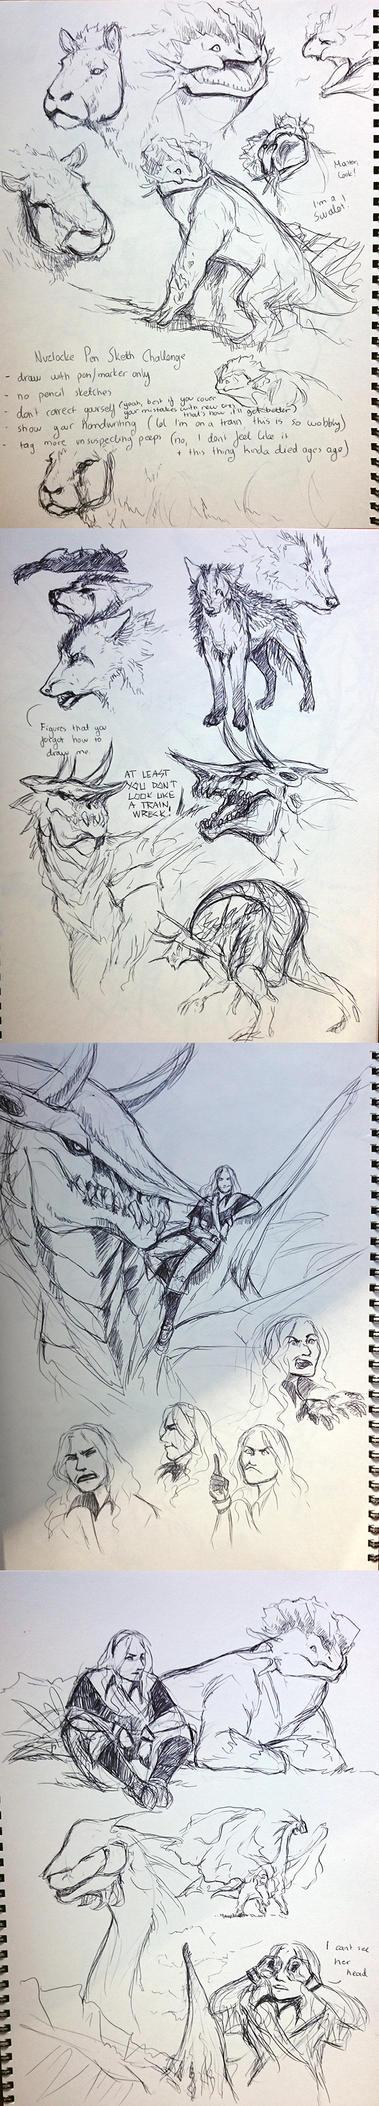 Nuzlocke Pen Sketch Meme by ShadeofShinon